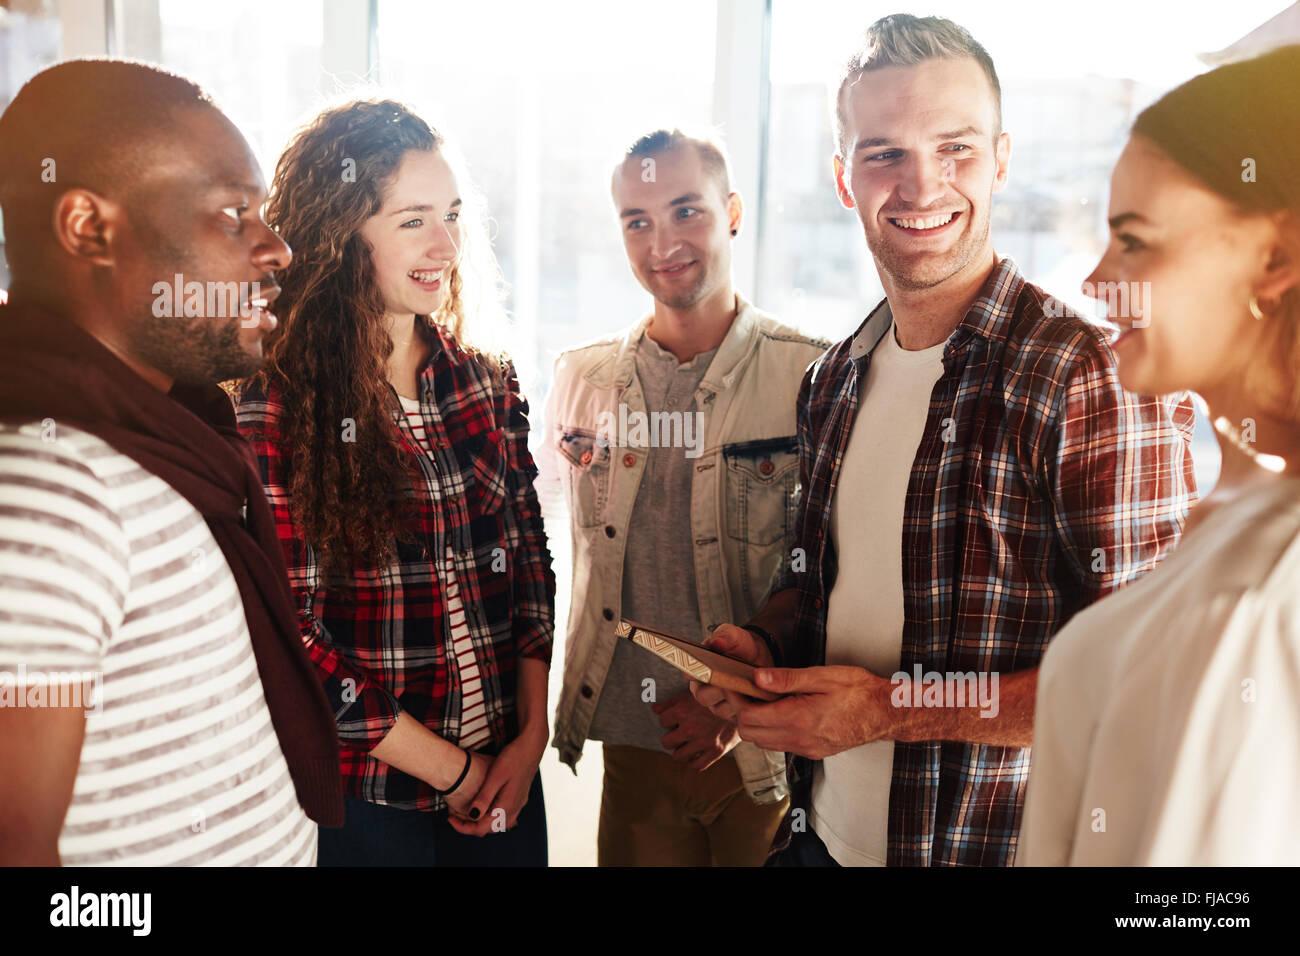 Los adolescentes modernos que hable durante el rodaje Imagen De Stock